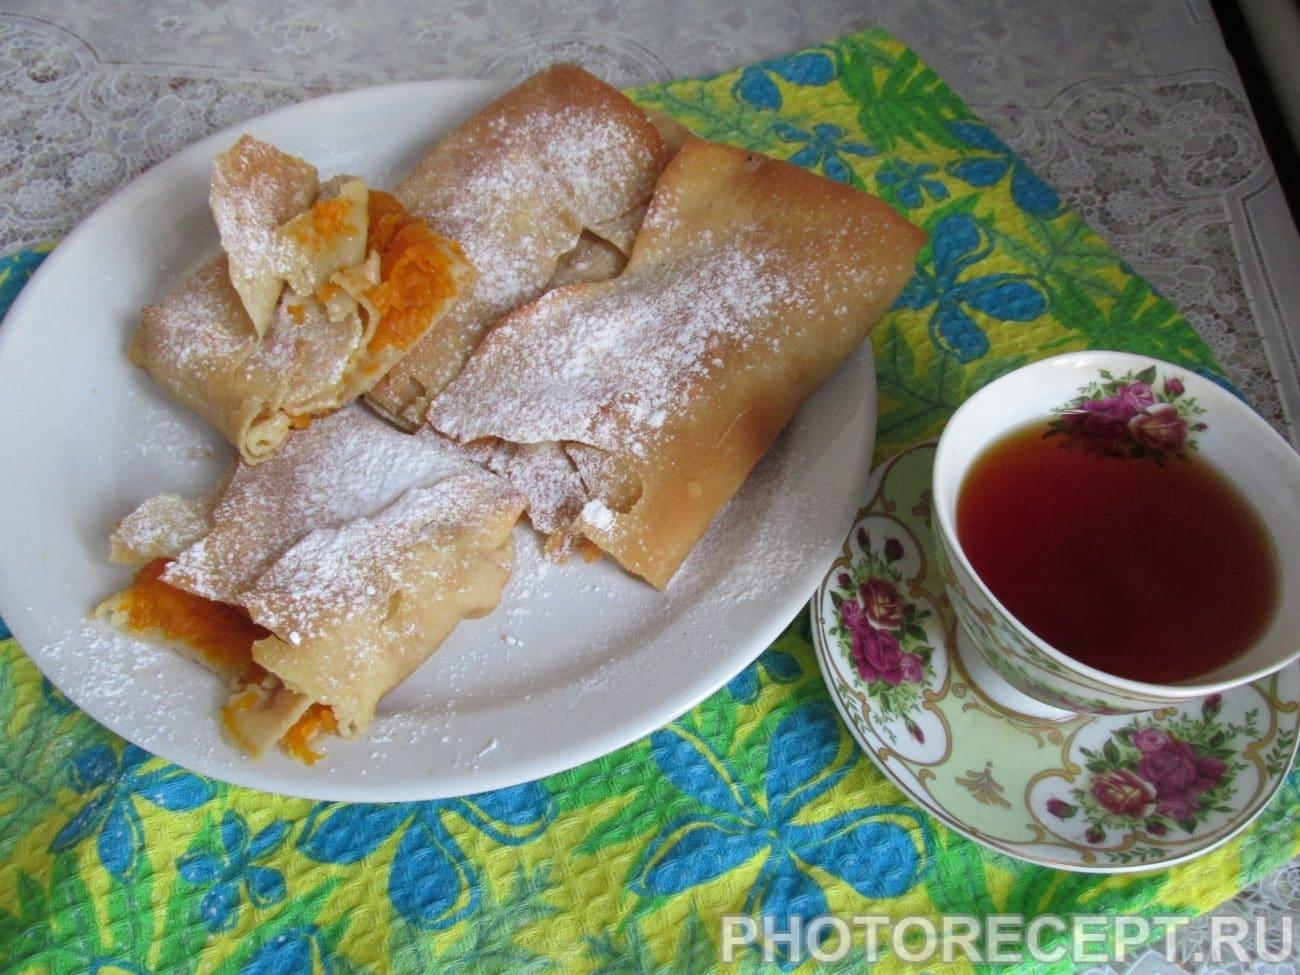 Турта–греческий пирог с тыквенной начинкой